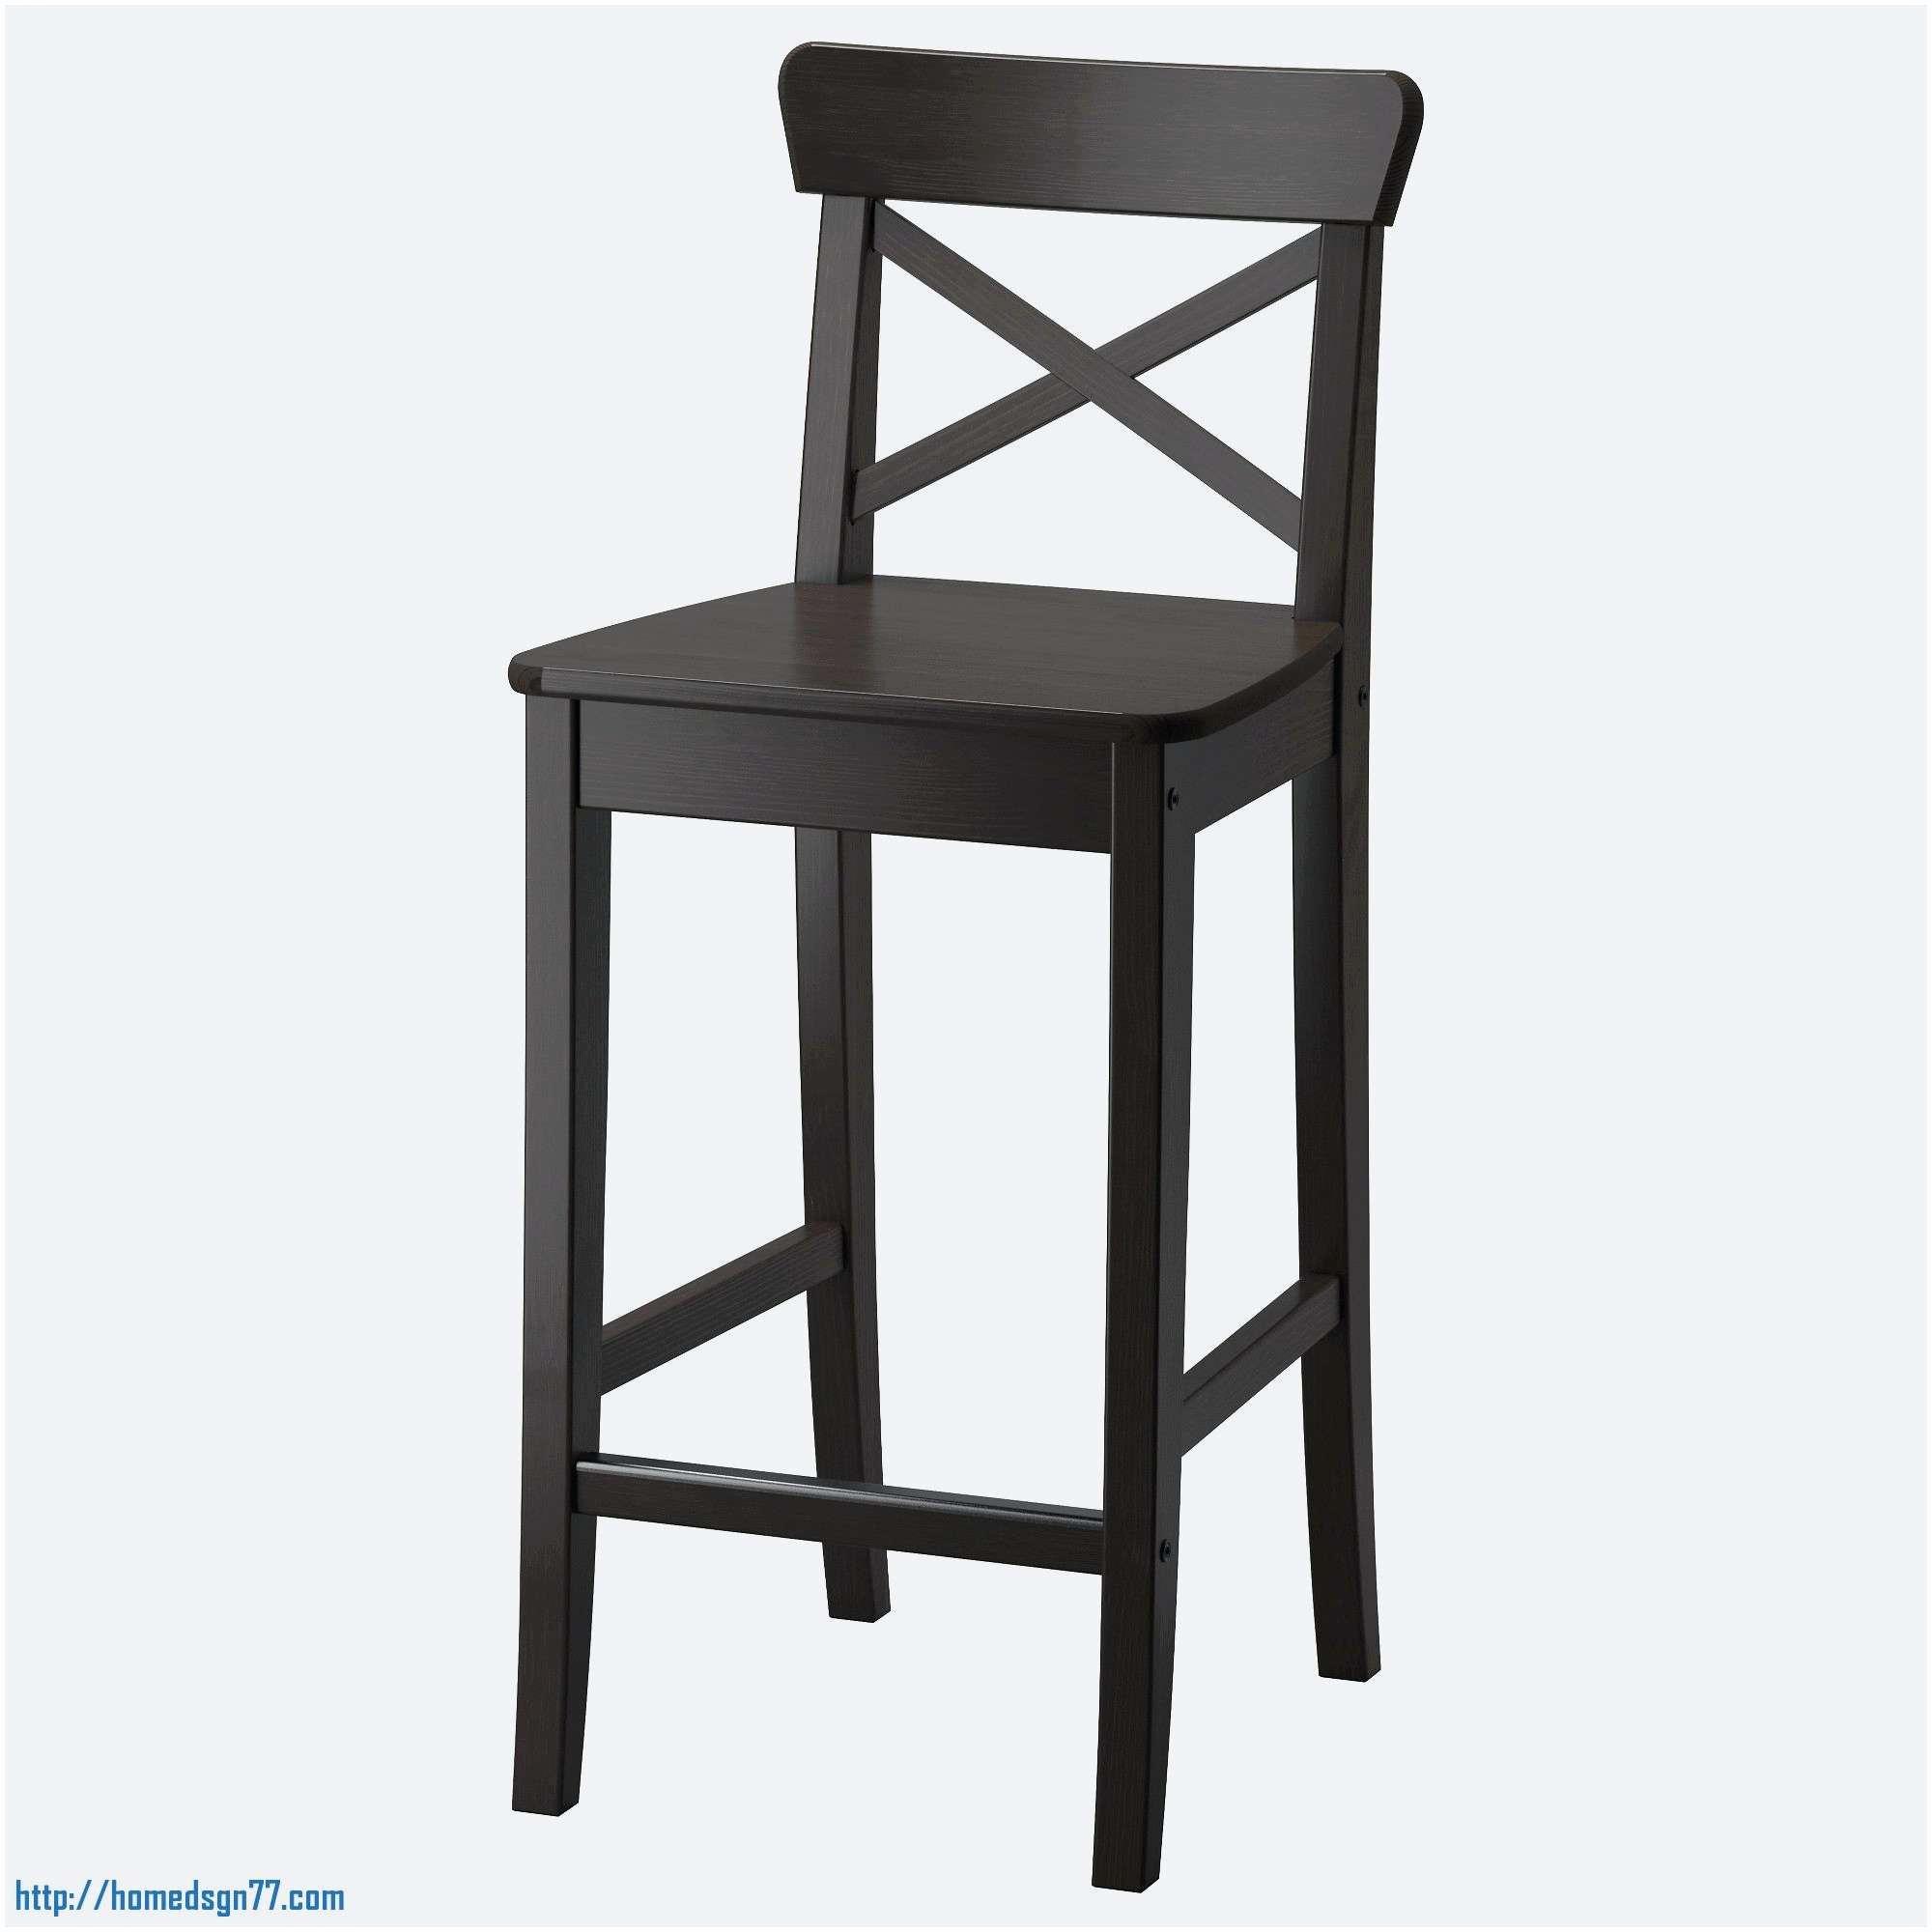 chaise mi hauteur charmant inspire chaise bar pas cher chaise haute bar pas cher best chaises of chaise mi hauteur